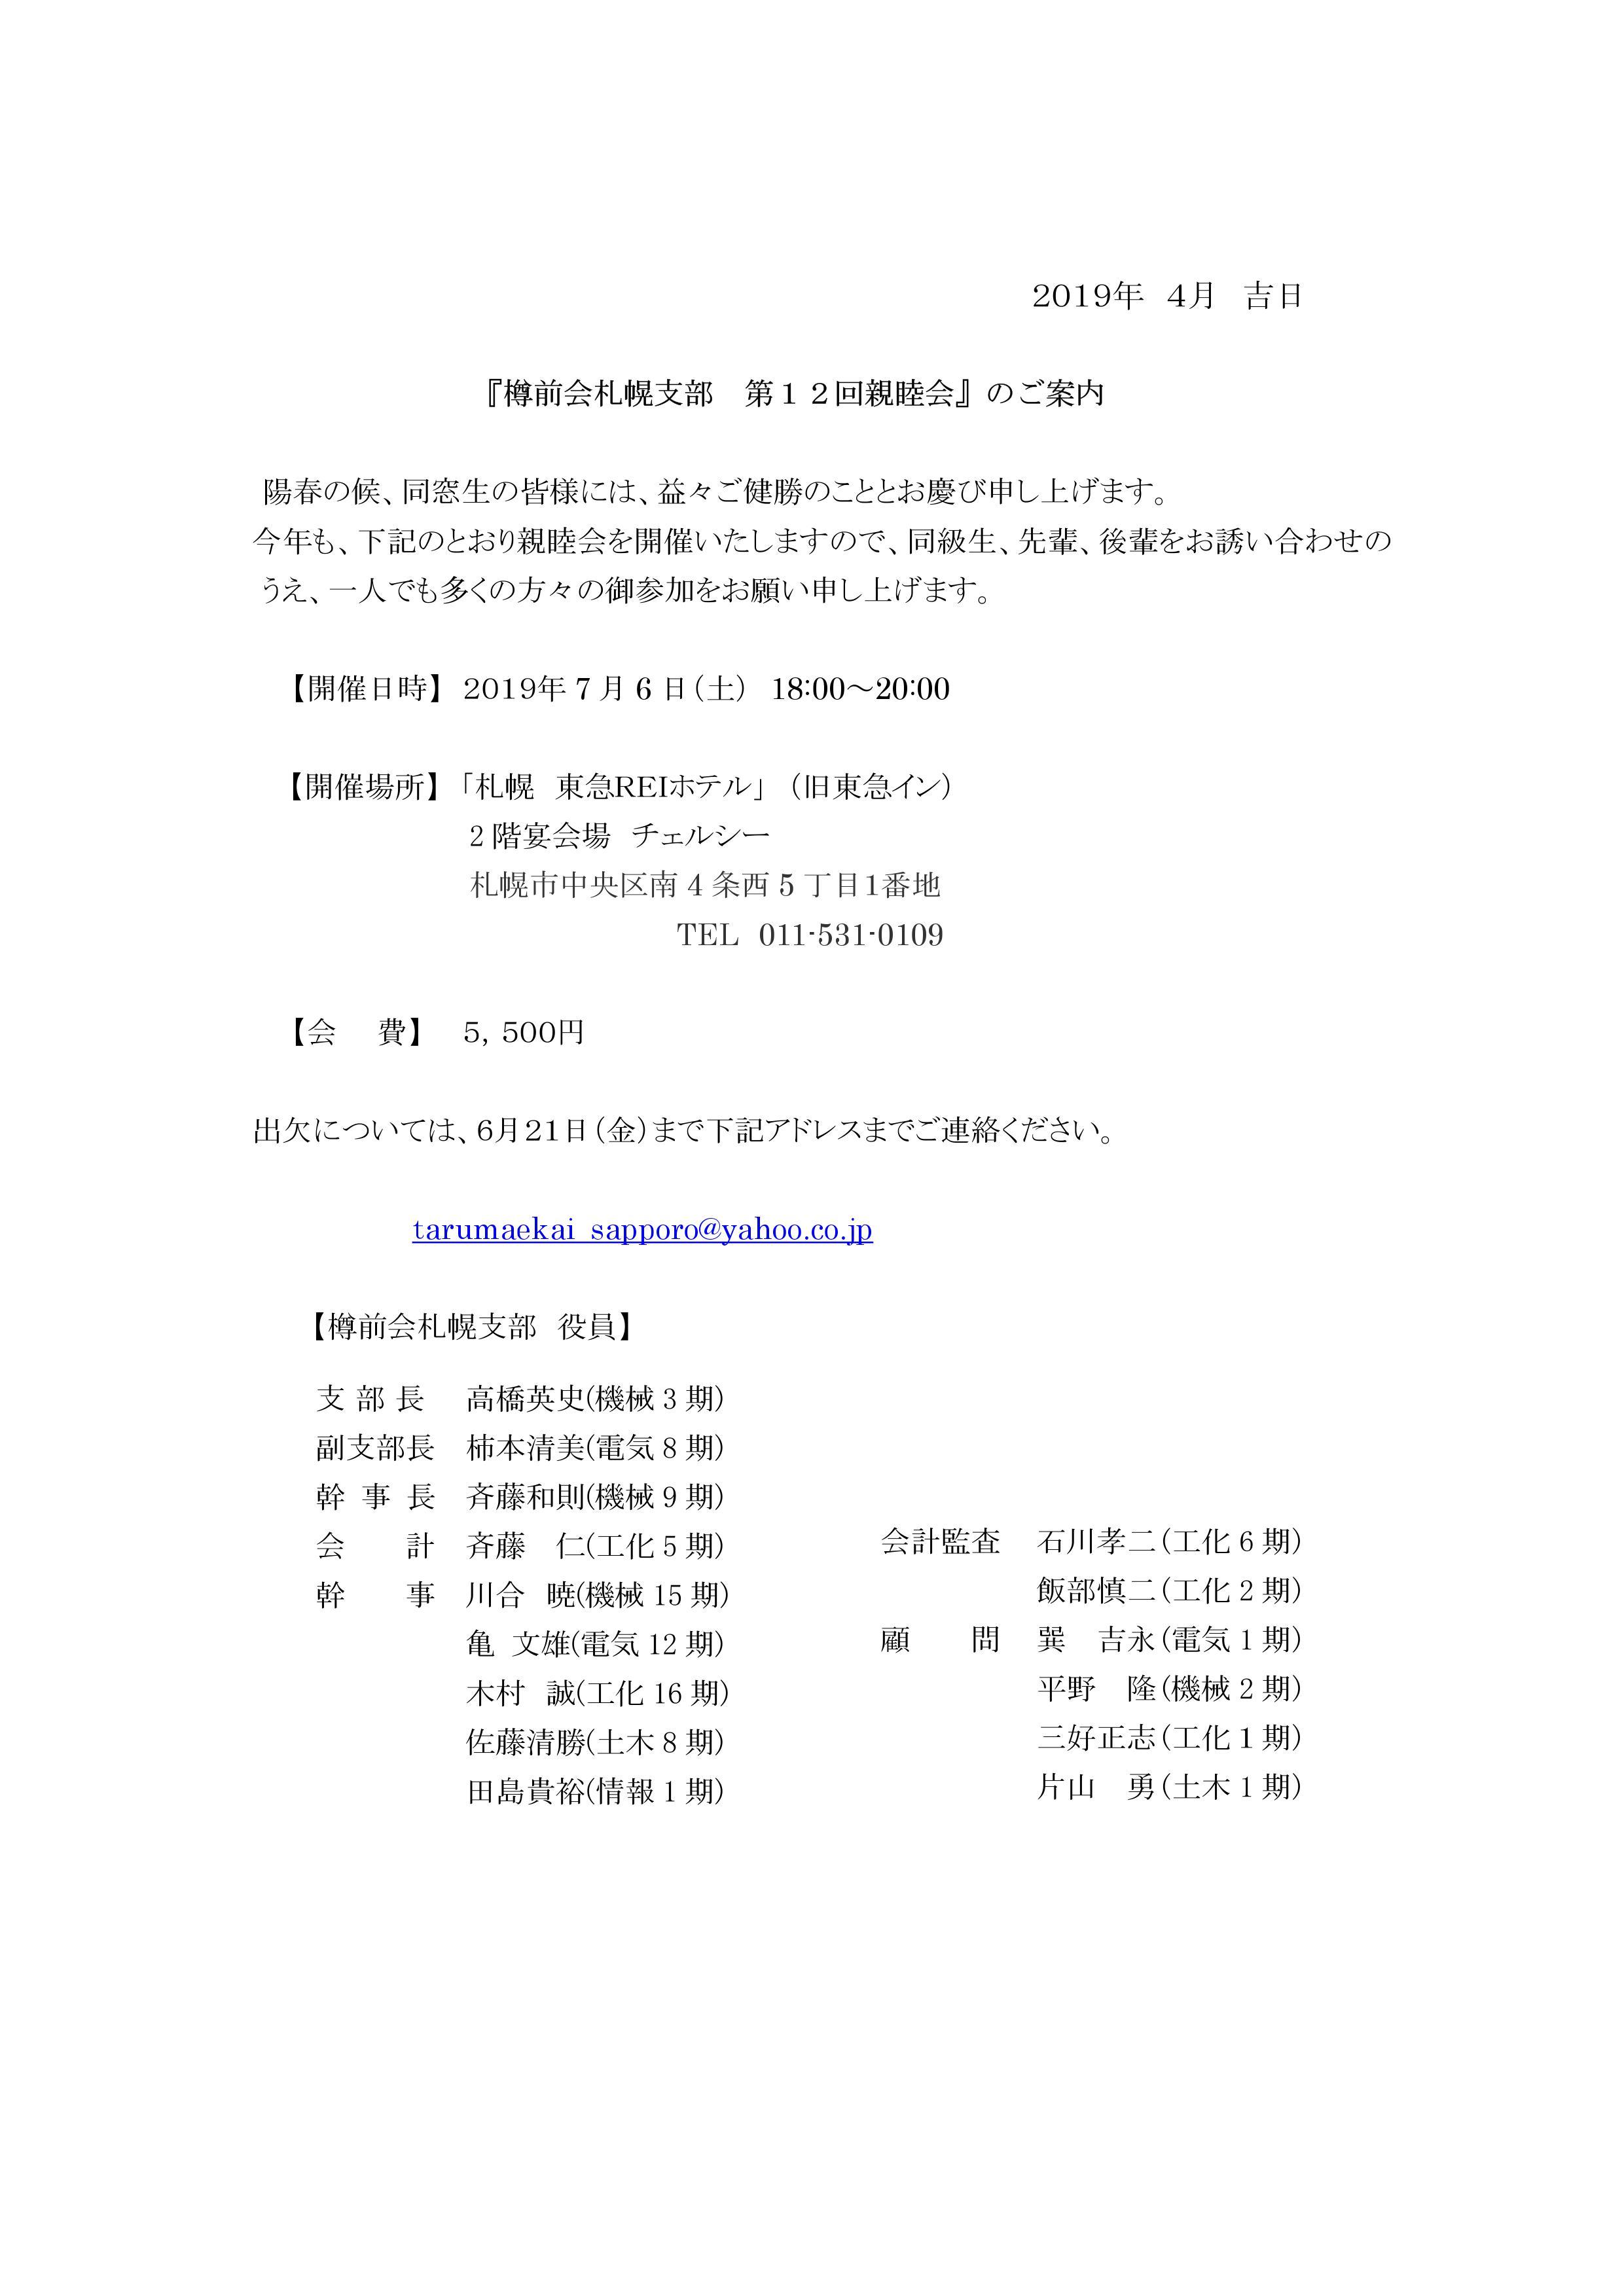 札幌支部親睦会2019